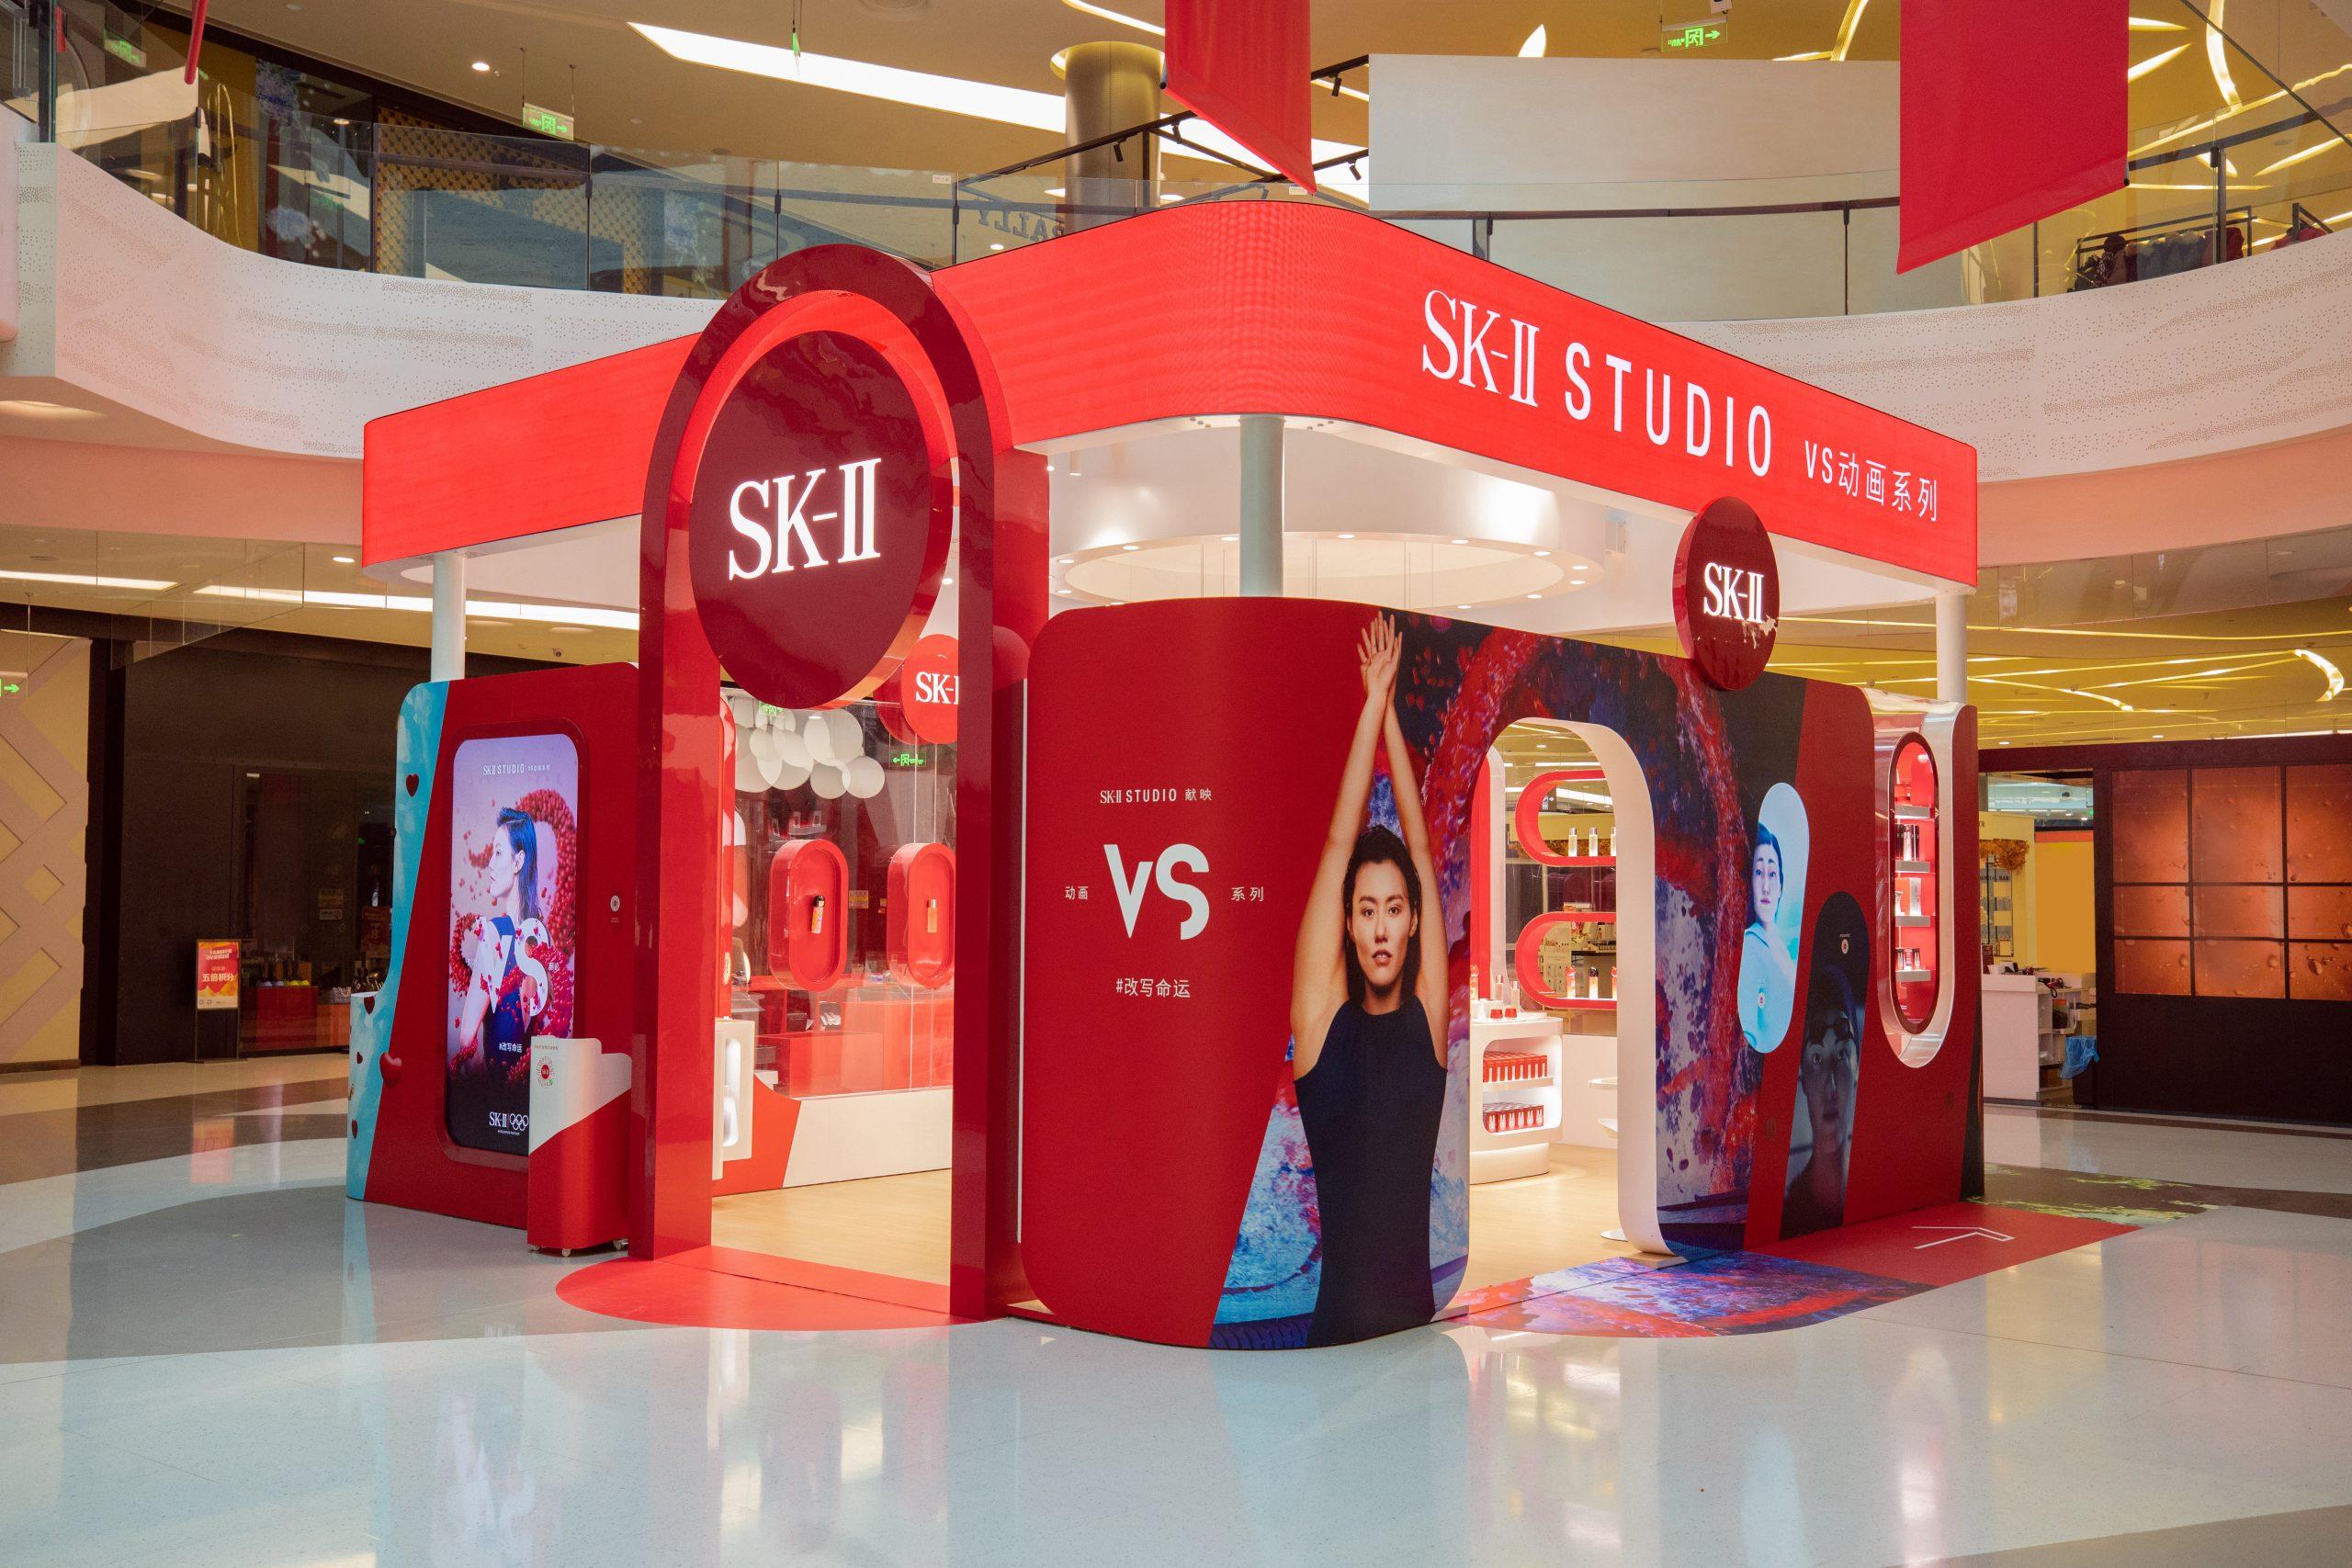 """在海南,SK-II 如何打造一间创意爆棚的""""社交零售""""快闪店?"""